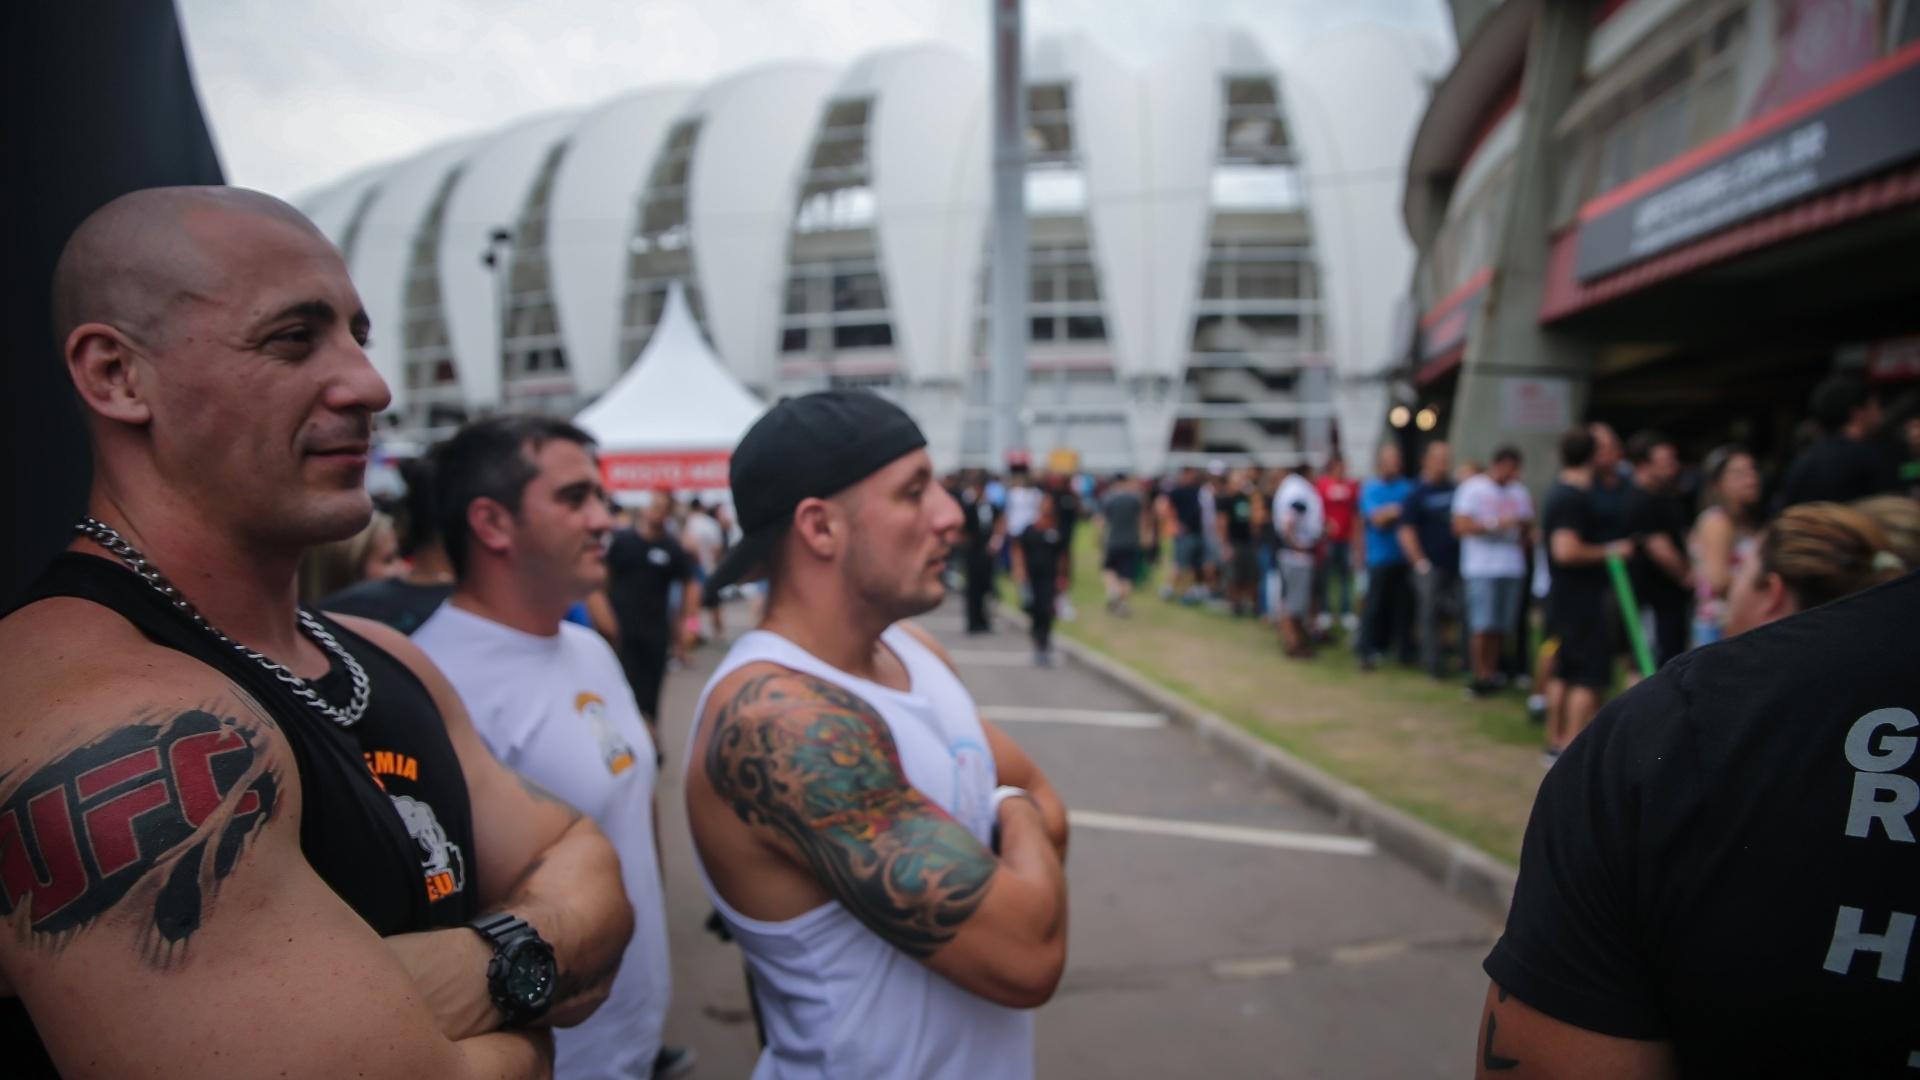 Fortão com tatuagem do UFC no braço vai ao Gigantinho conferir a primeira edição do evento em Porto Alegre. Pezão encara o ex-campeão Mir na luta principal